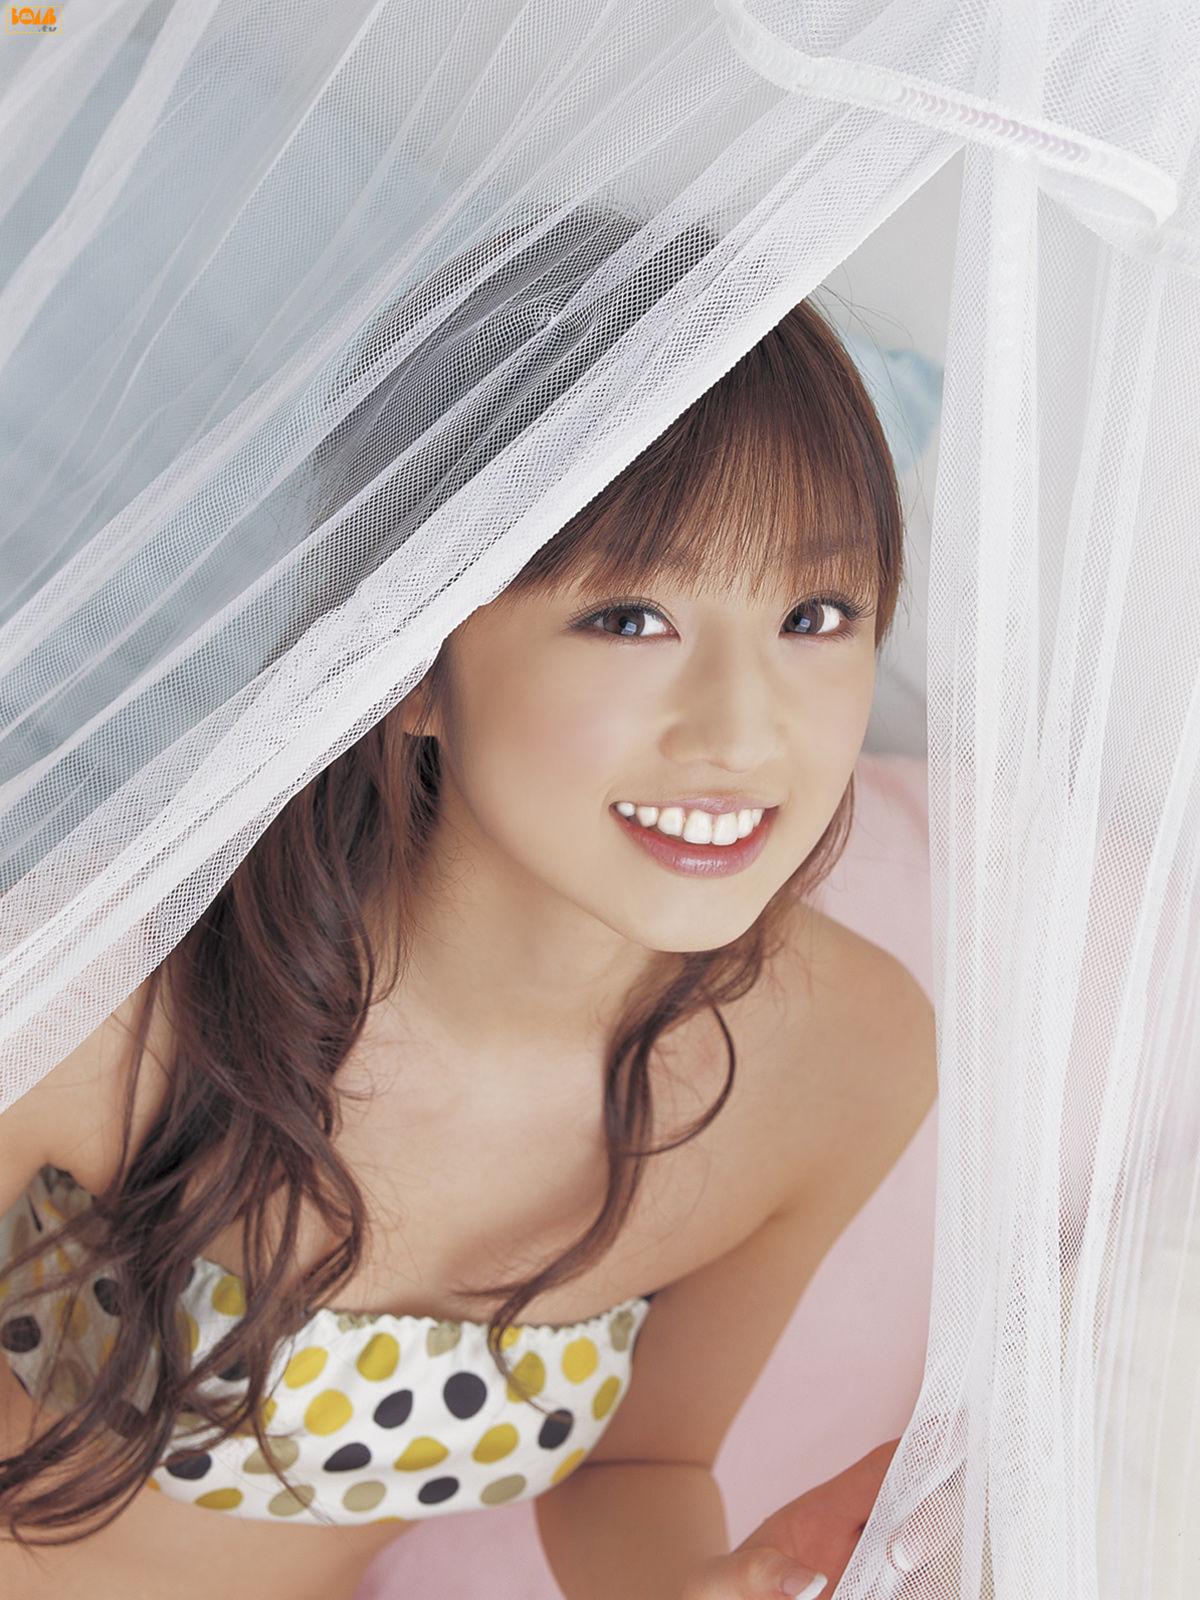 小倉優子 画像 22